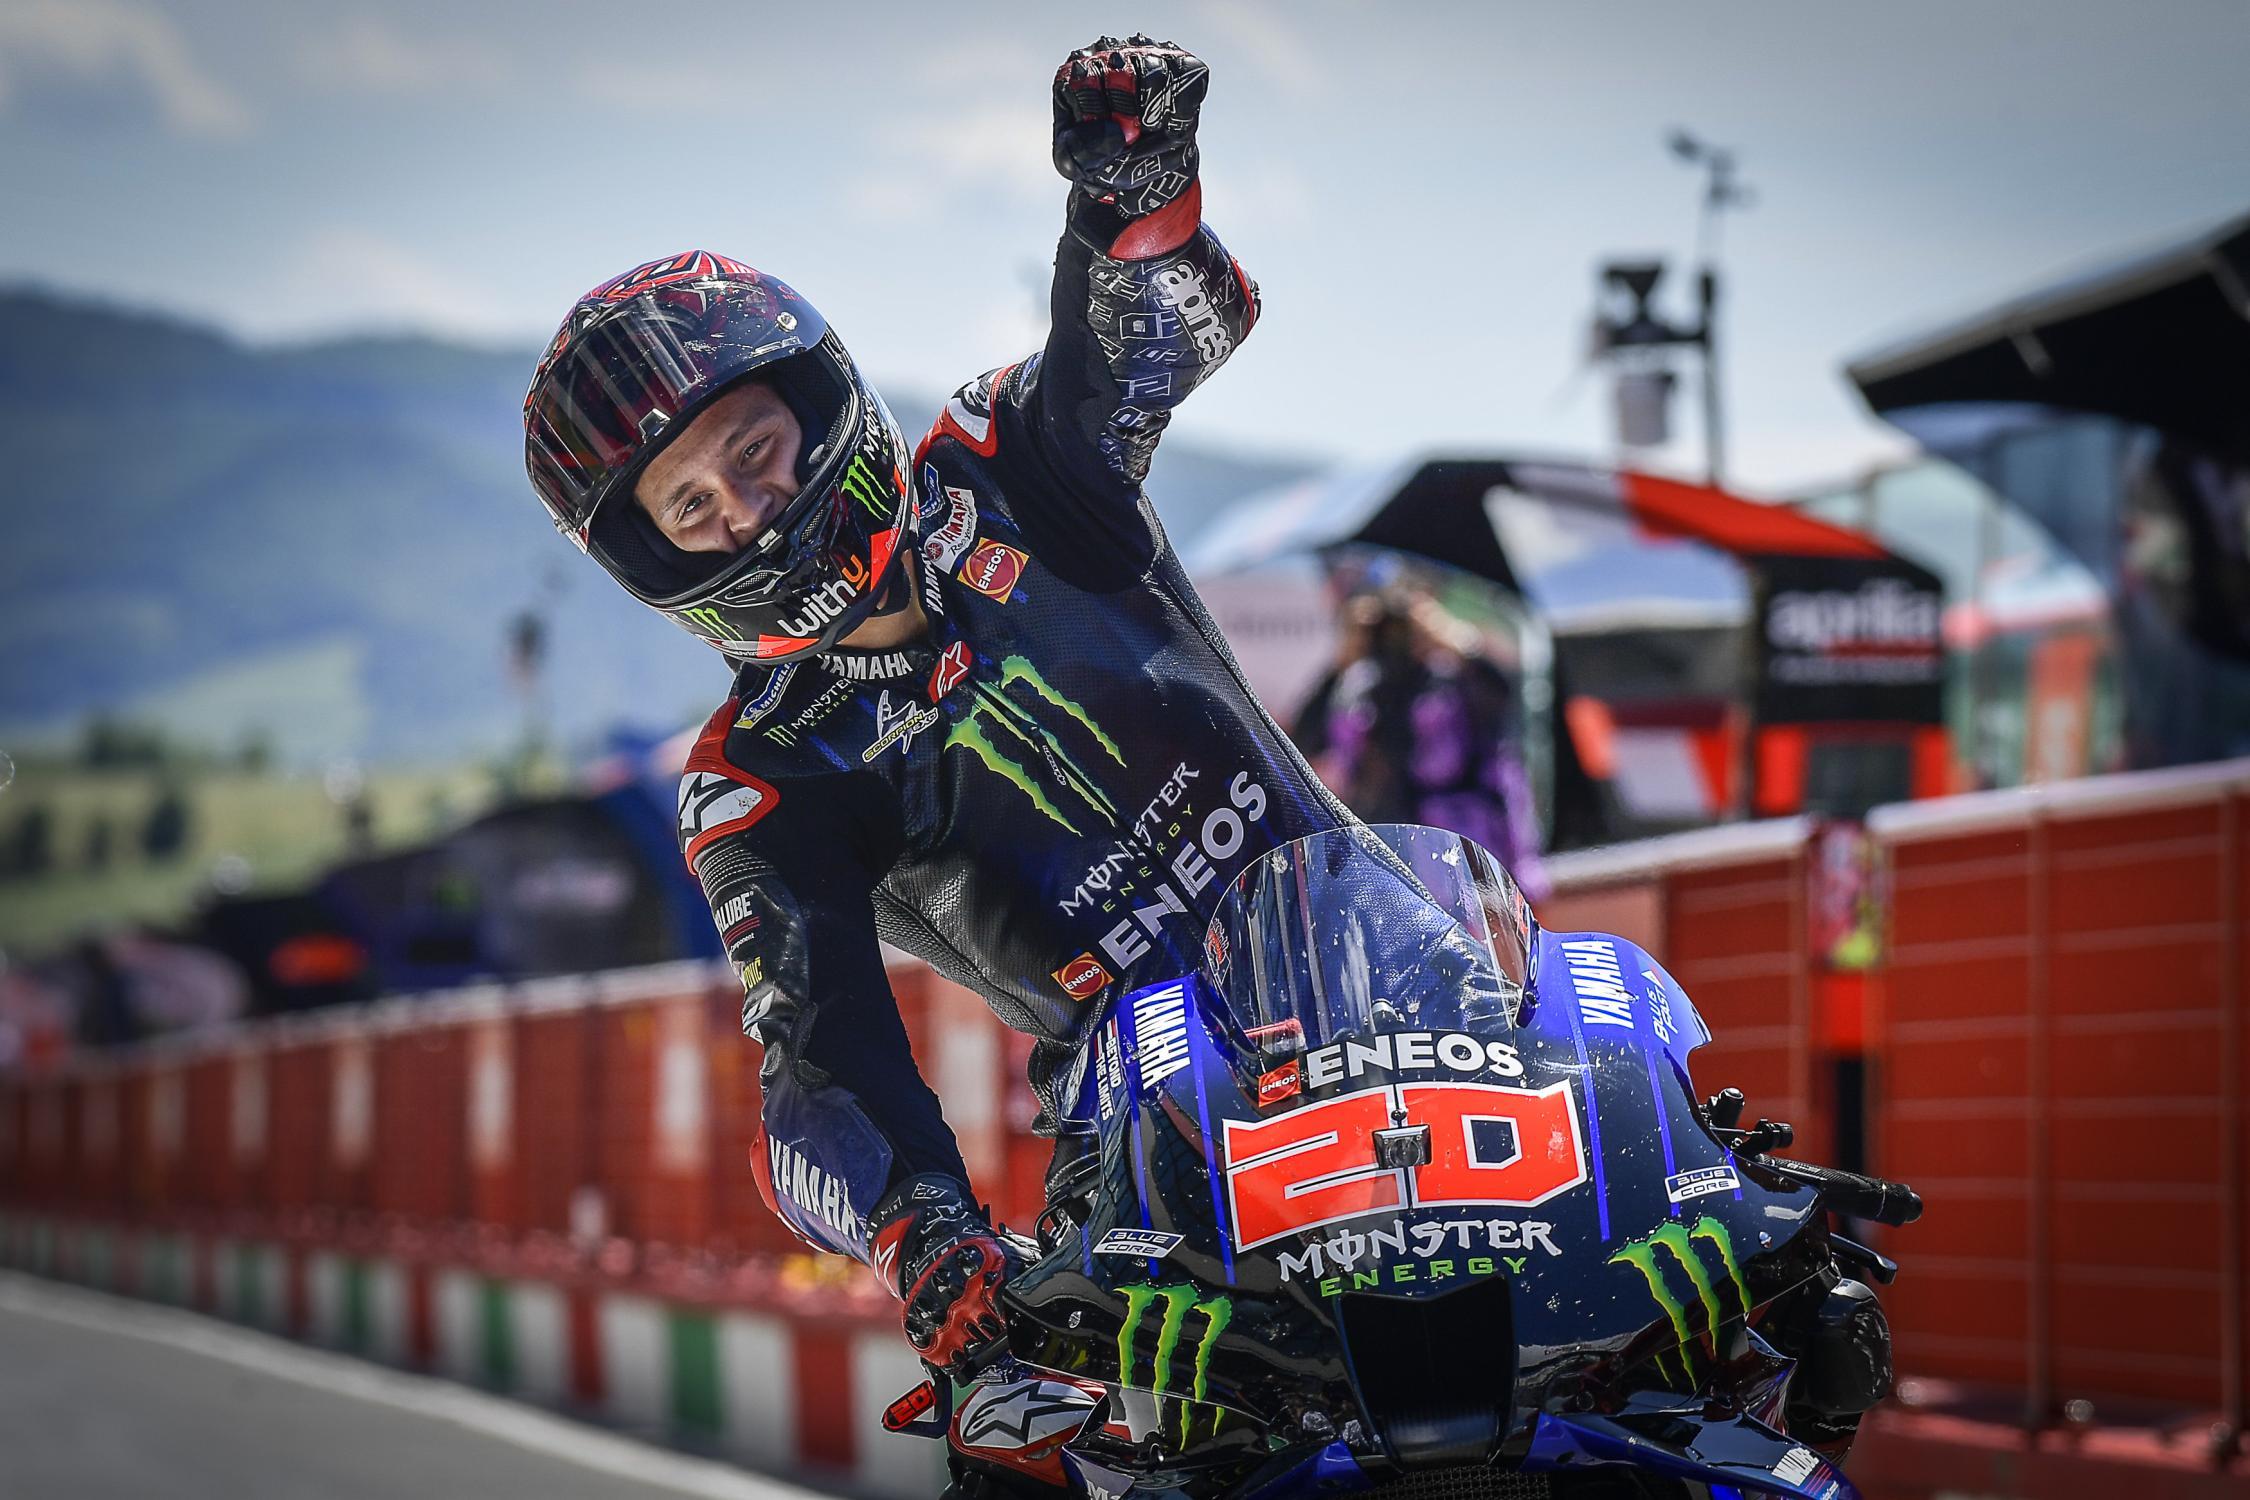 MOTO GRAND PRIX D' ITALIE - Page 2 Fabio-quartararo-mugello-motogp-2021-victoire-2